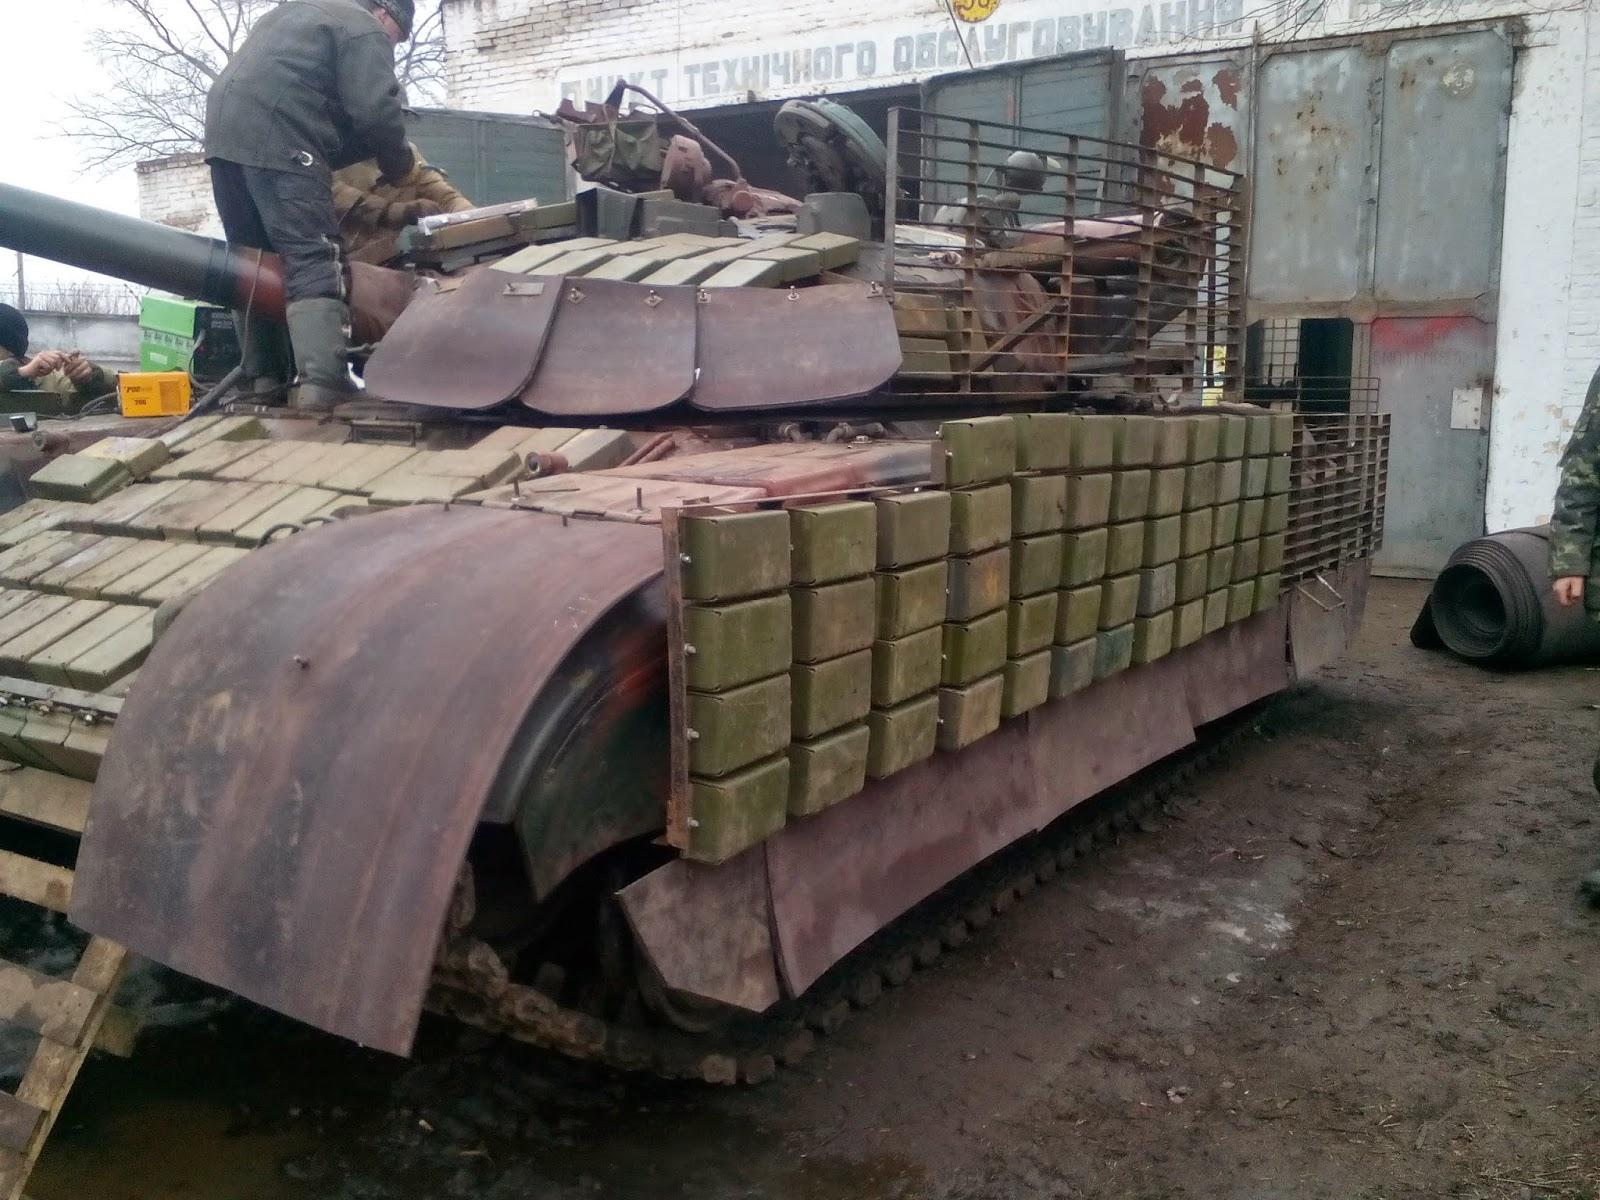 Sobre los T-64 y su desempeño en Ucrania 343500_original